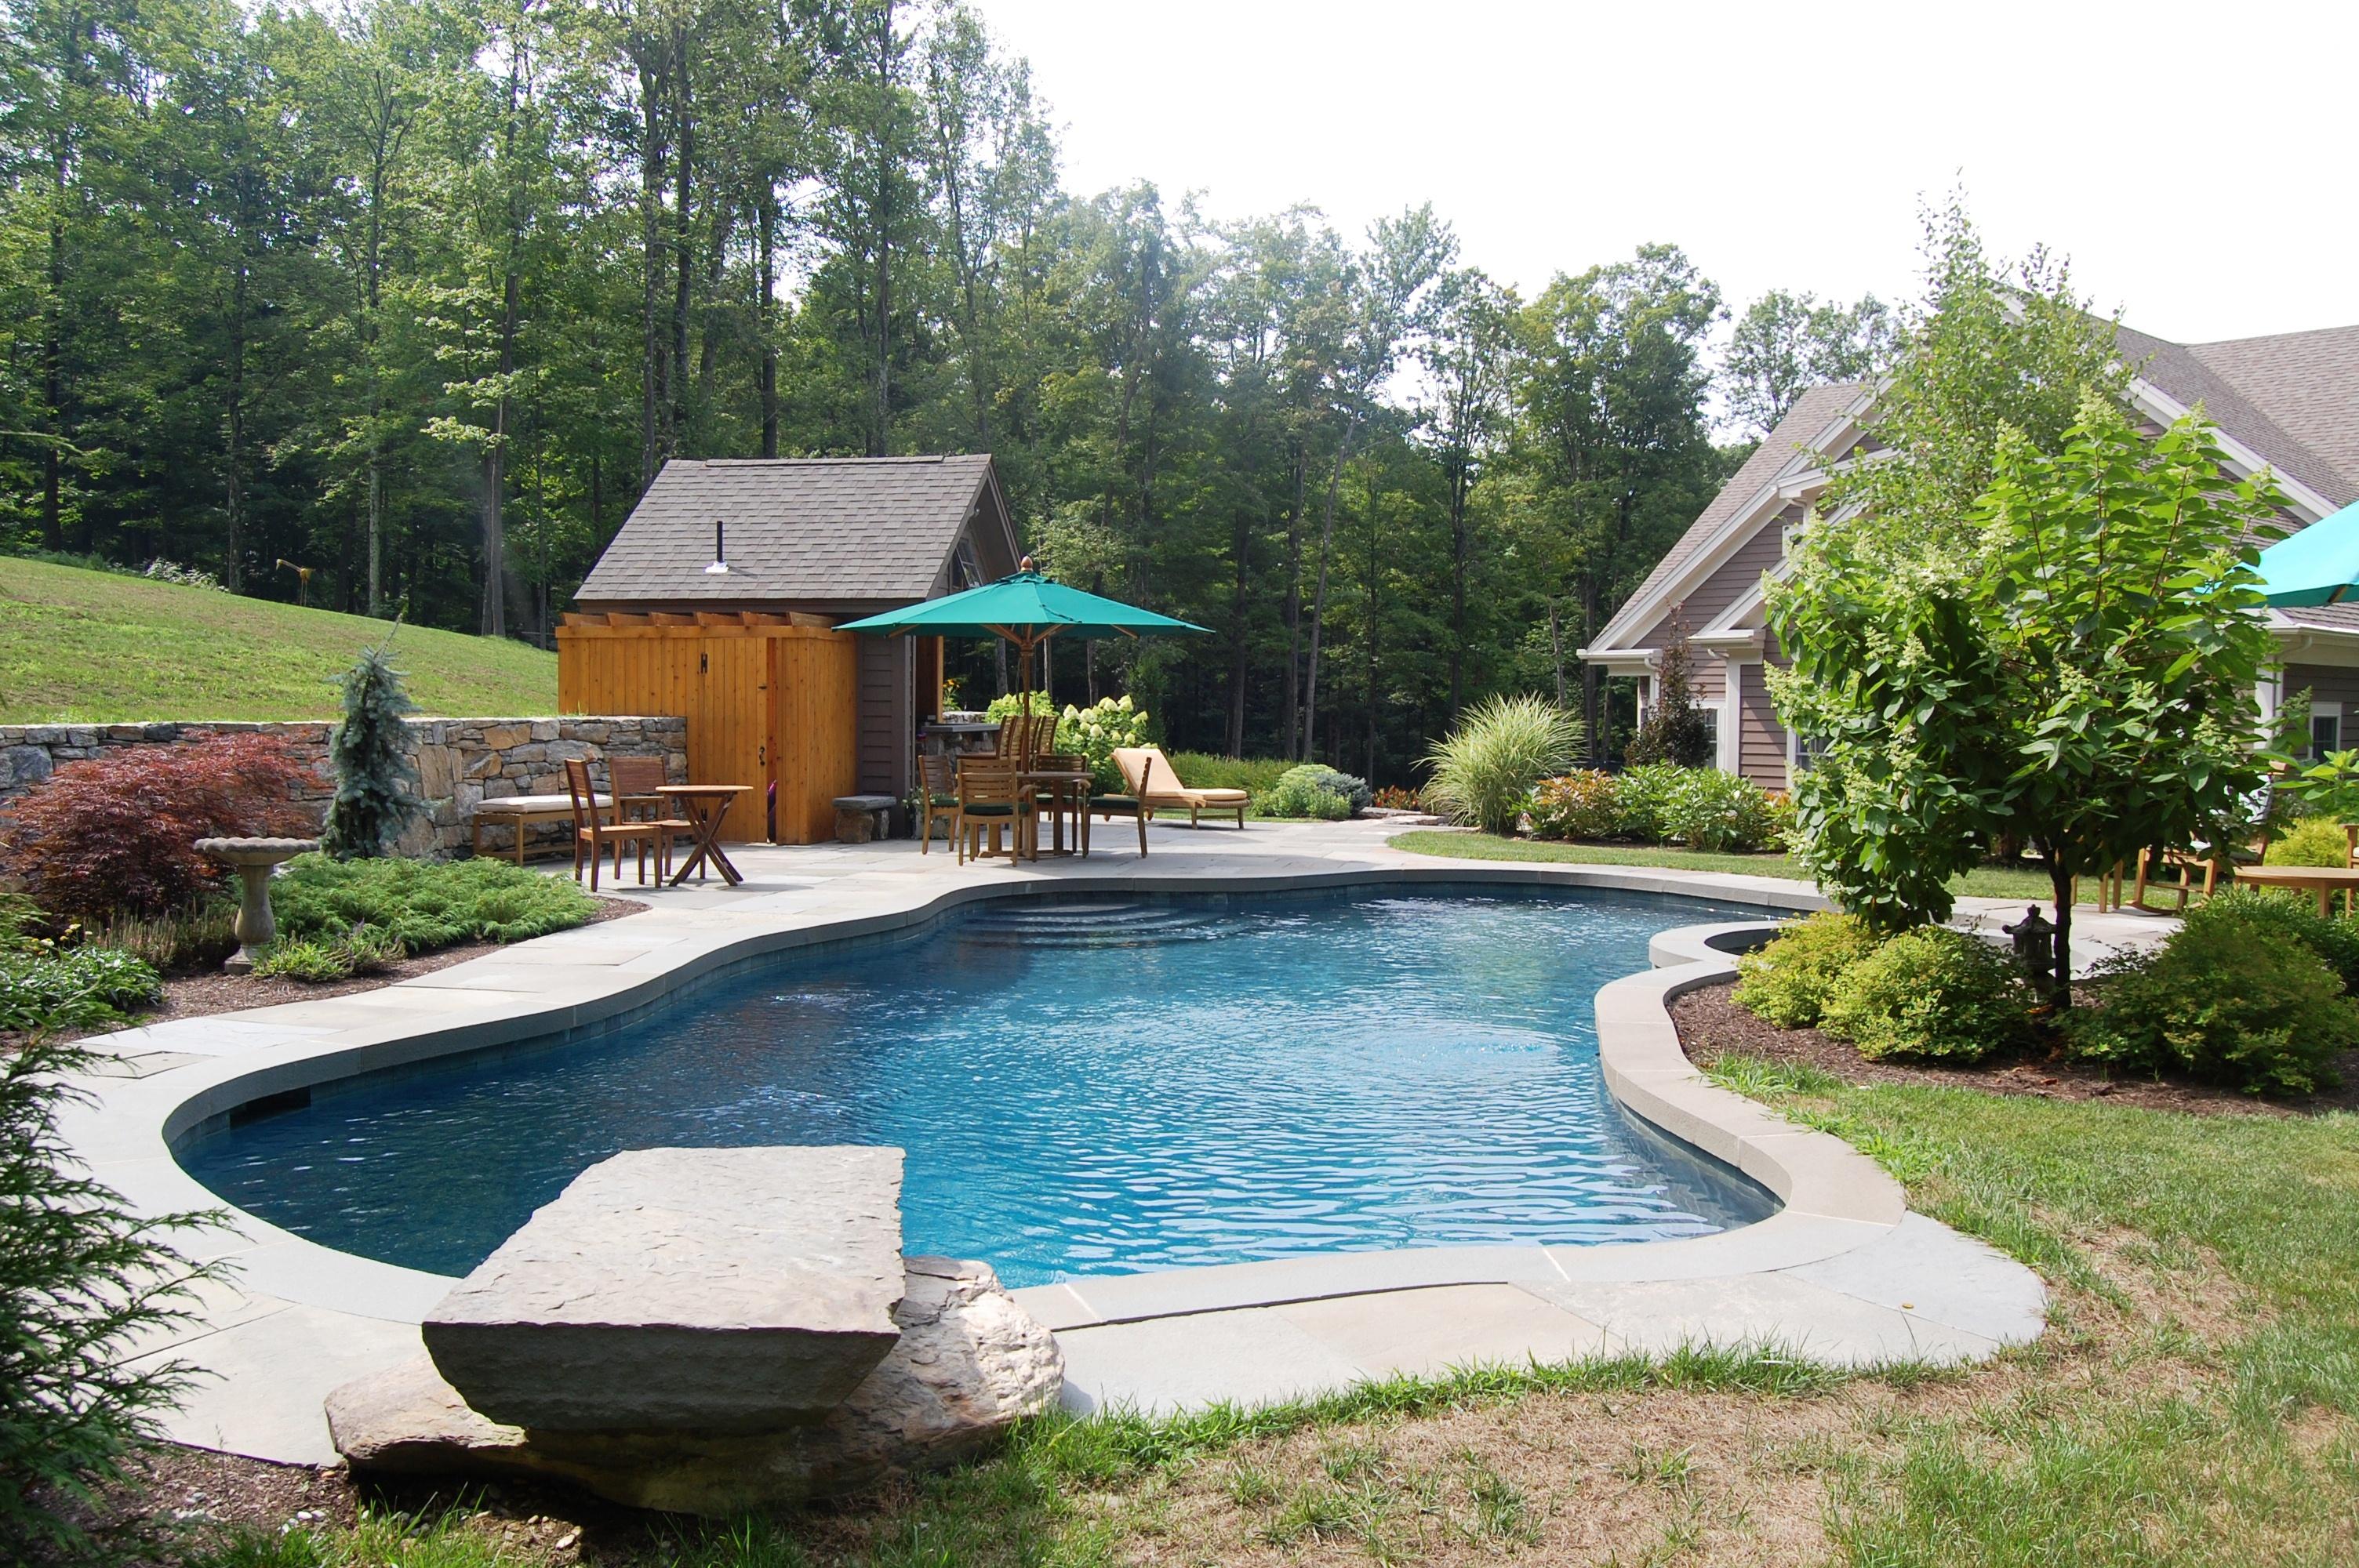 Maison unifamiliale pour l Vente à SPACIOUS CONTEMPORARY WITH OPEN LIVING PLAN 28 Ox Bow Rd Egremont, Massachusetts 01258 États-Unis